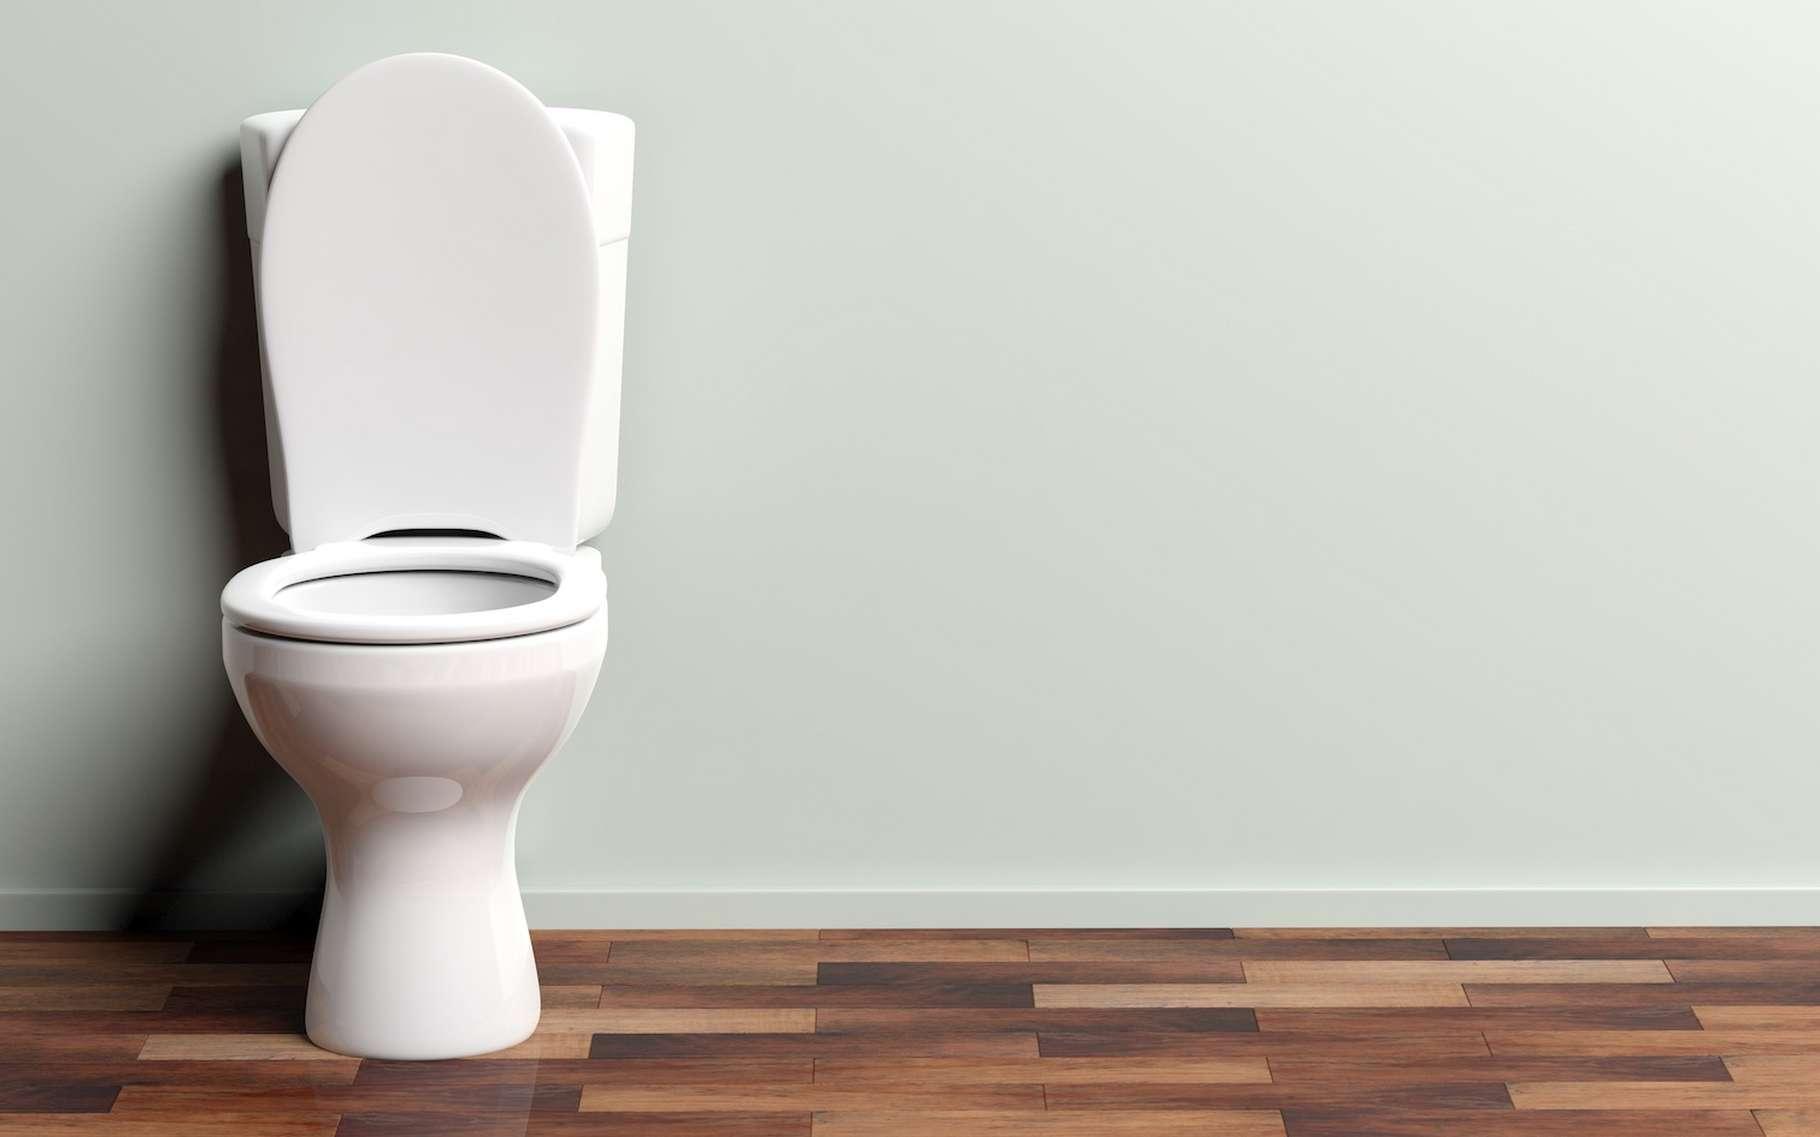 Des chercheurs travaillent au développement de toilettes intelligentes capables de surveiller notre santé en analysant nos urines. © Rawf8, Adobe Stock